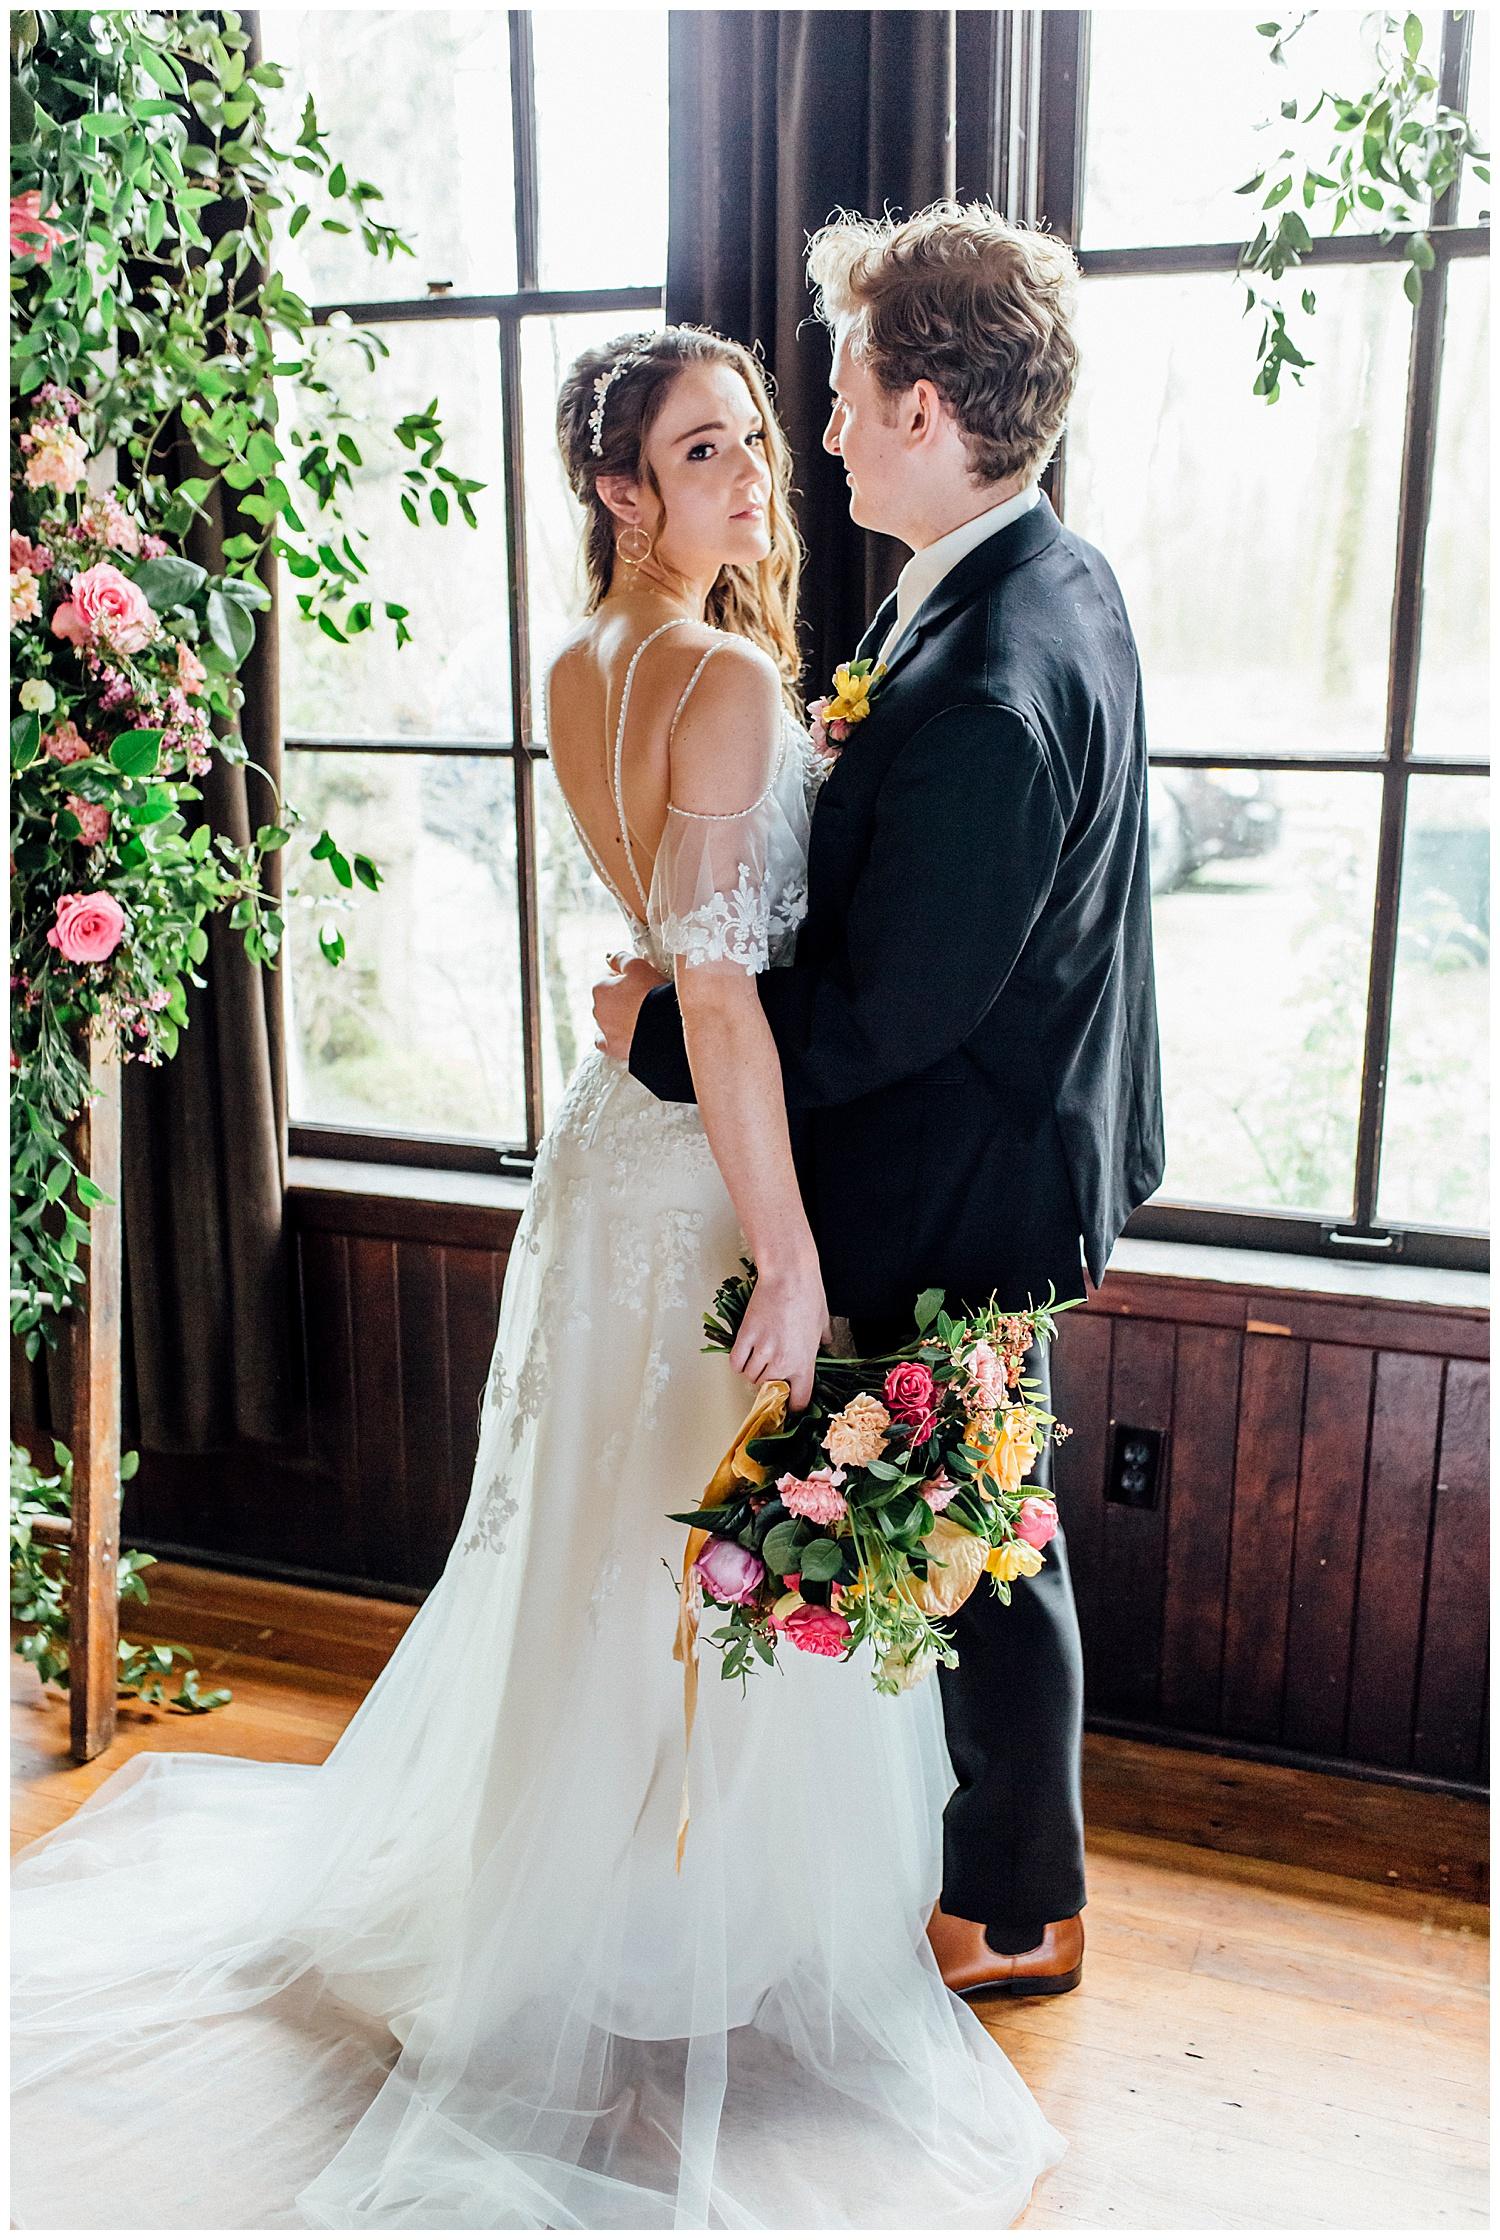 Ignite_and_Gather_Styled_Shoot_Eugene_Oregon_Cloverdale_Chapel_Wedding_0017.jpg